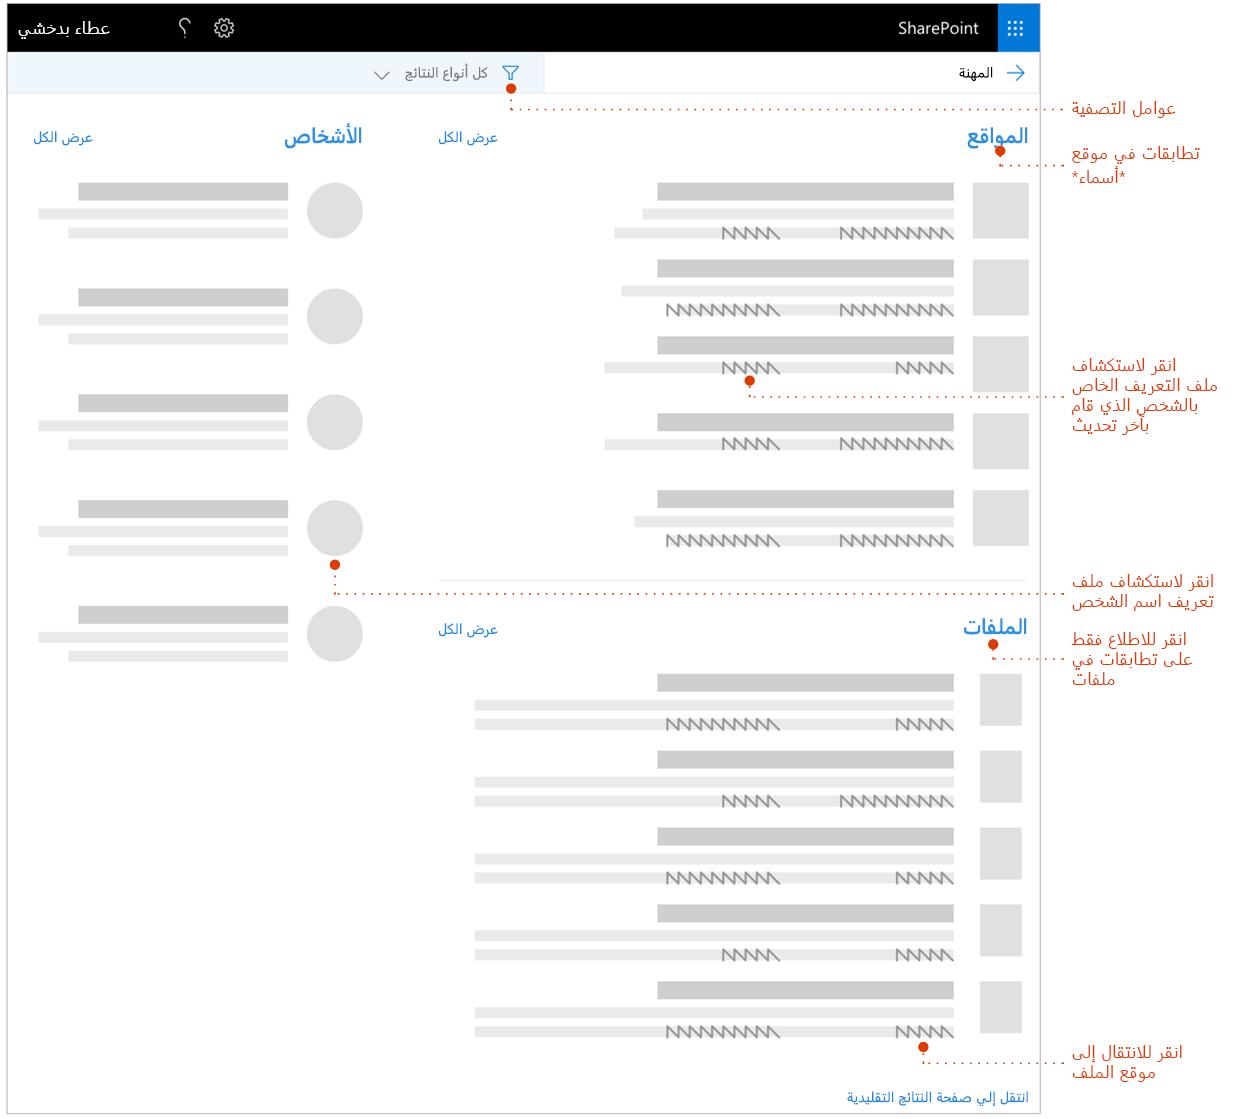 لقطه شاشه ل# البحث عن صفحه مع مؤشرات الي عناصر ل# استكشاف النتائج.